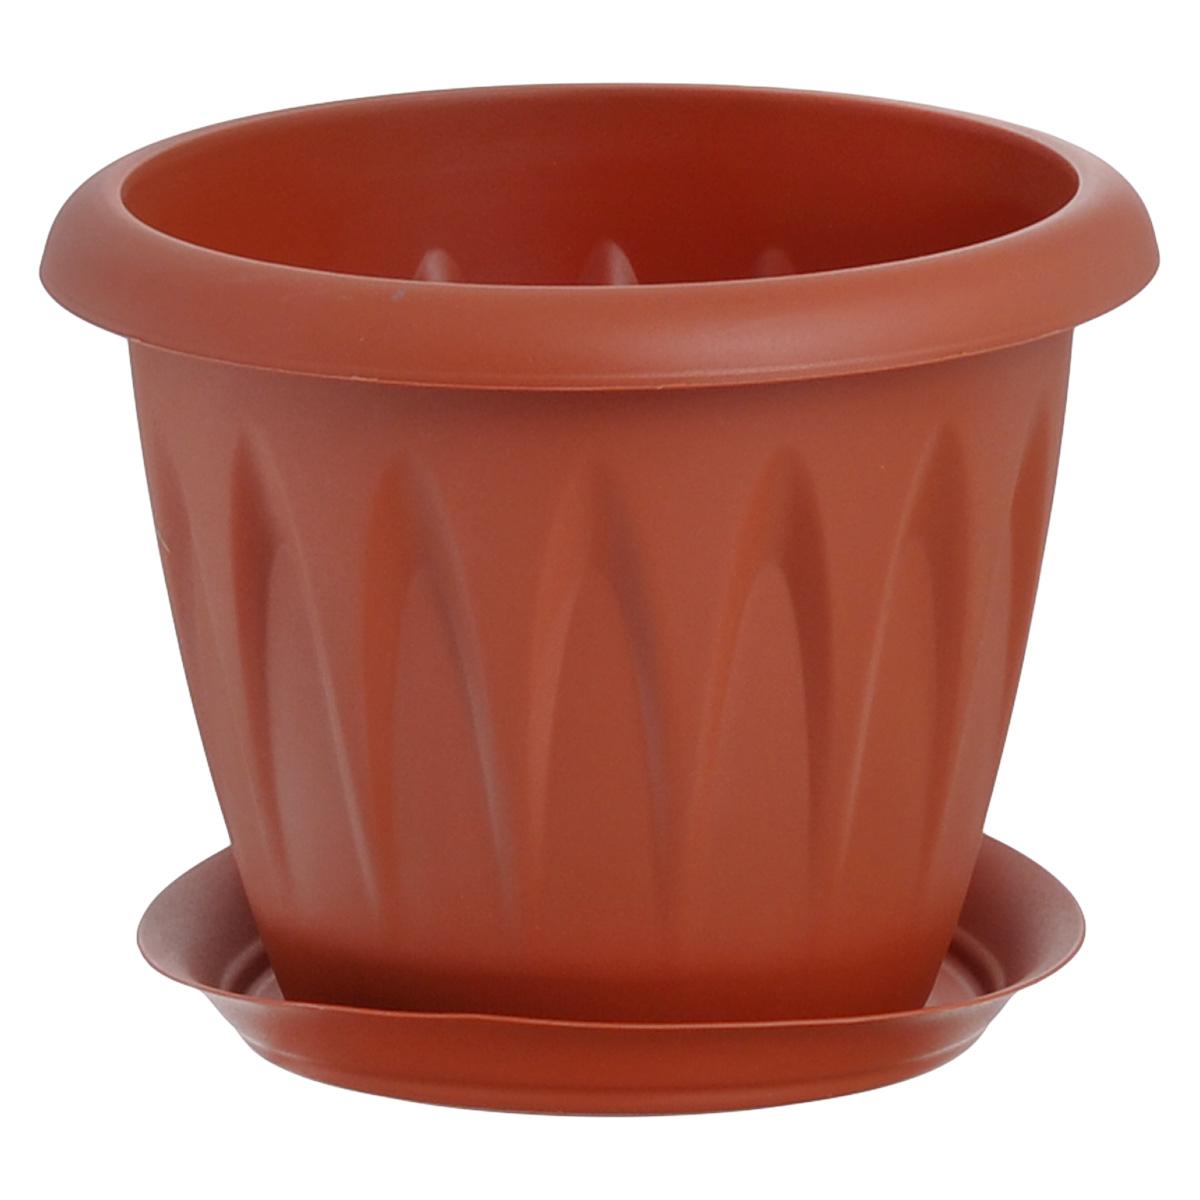 Кашпо Idea Алиция, с поддоном, цвет: терракотовый, 1,4 лМ 3065Кашпо Idea Алиция изготовлено из прочного полипропилена (пластика) и предназначено для выращивания растений, цветов и трав в домашних условиях. Круглый поддон обеспечивает сток воды. Такое кашпо порадует вас функциональностью, а благодаря лаконичному дизайну впишется в любой интерьер помещения. Диаметр кашпо по верхнему краю: 16 см. Объем кашпо: 1,4 л.